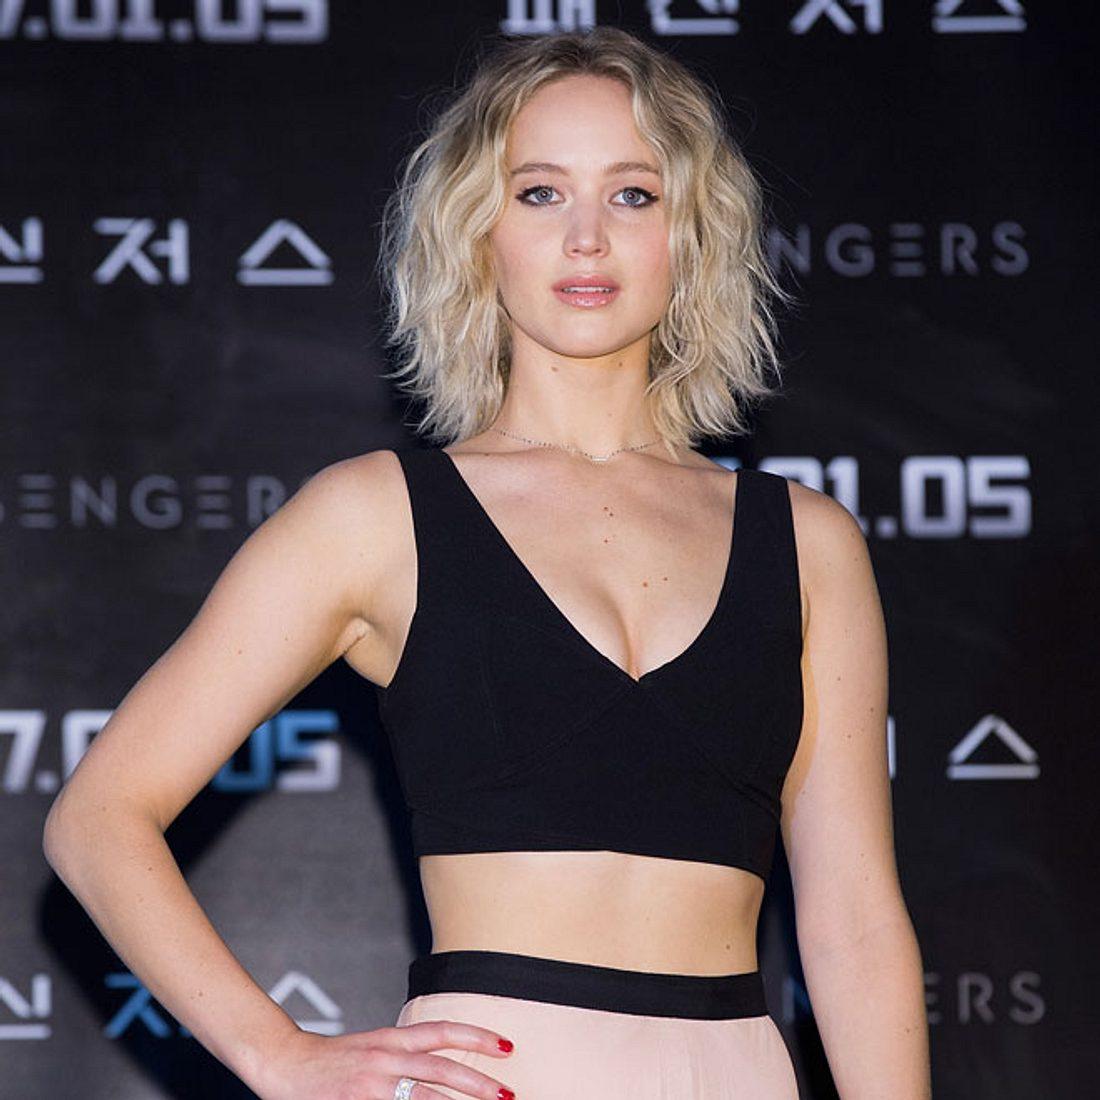 Jennifer Lawrence nimmt ihren Suff-Auftritt gelassen